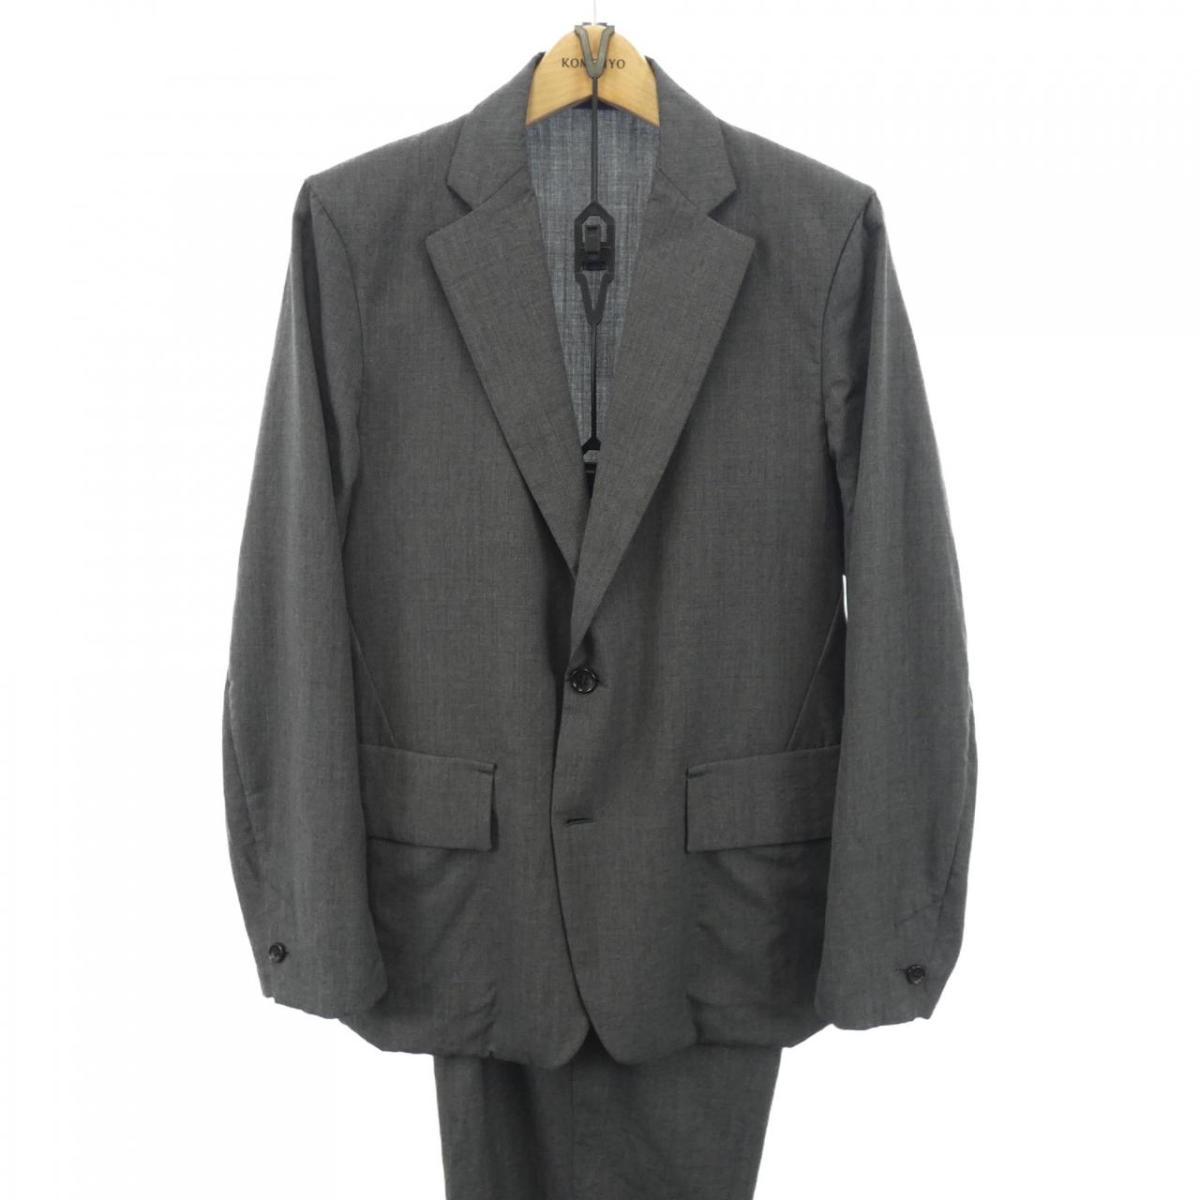 ドレステリア DRESSTERIOR スーツ【中古】